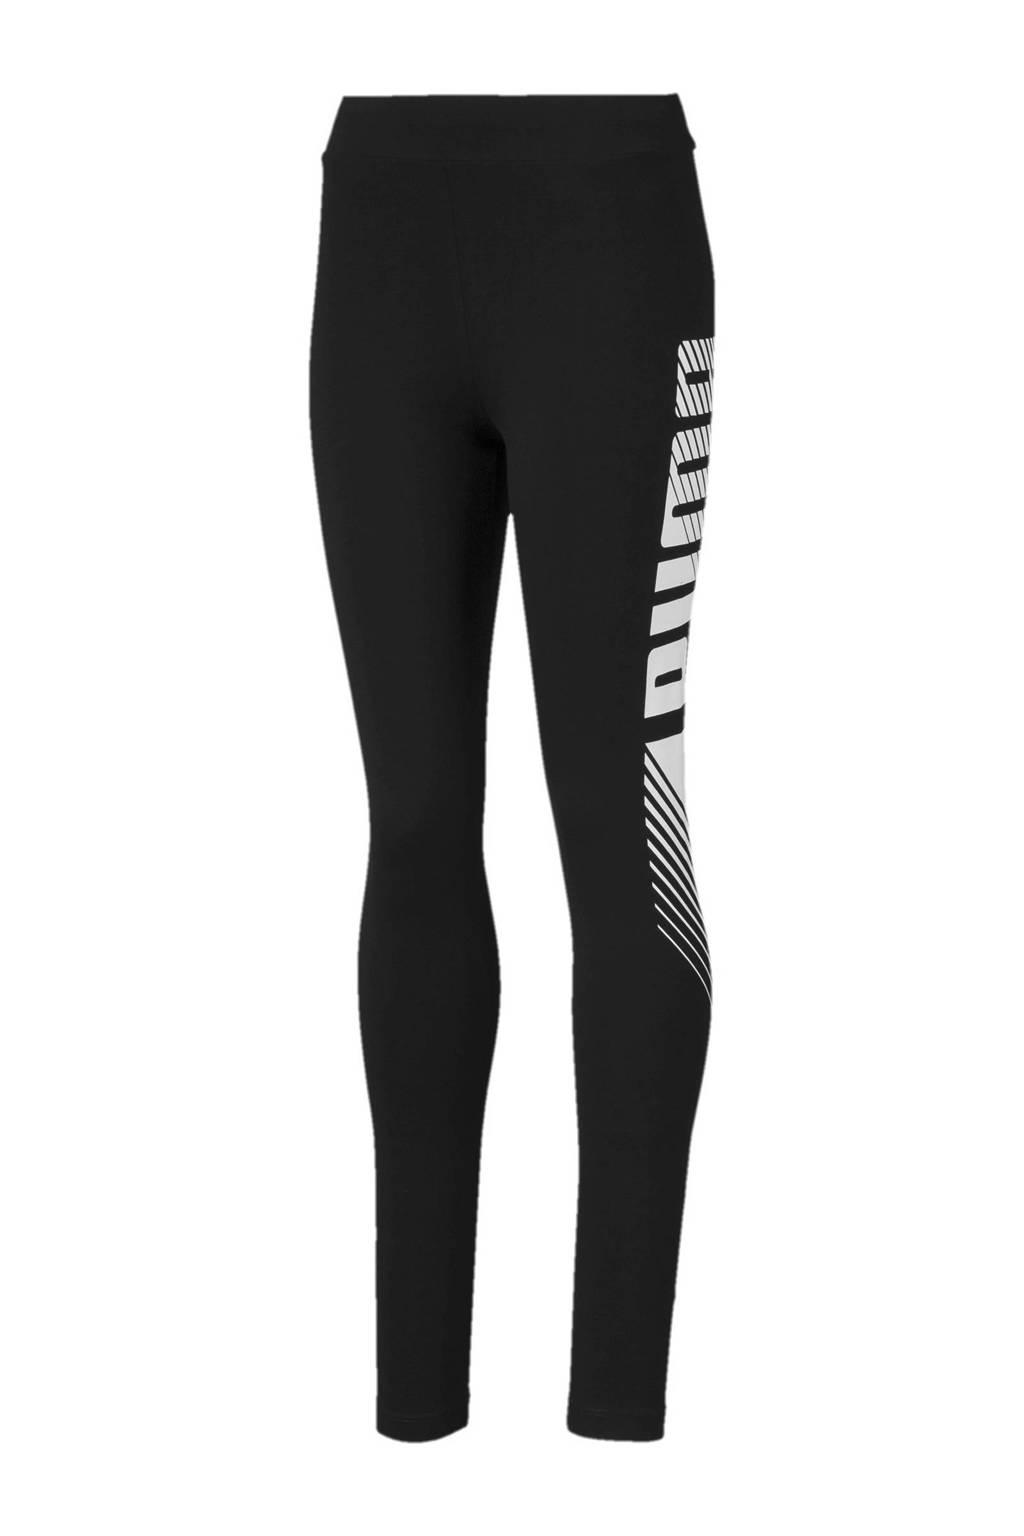 Puma legging met logo zwart/wit, Zwart/wit